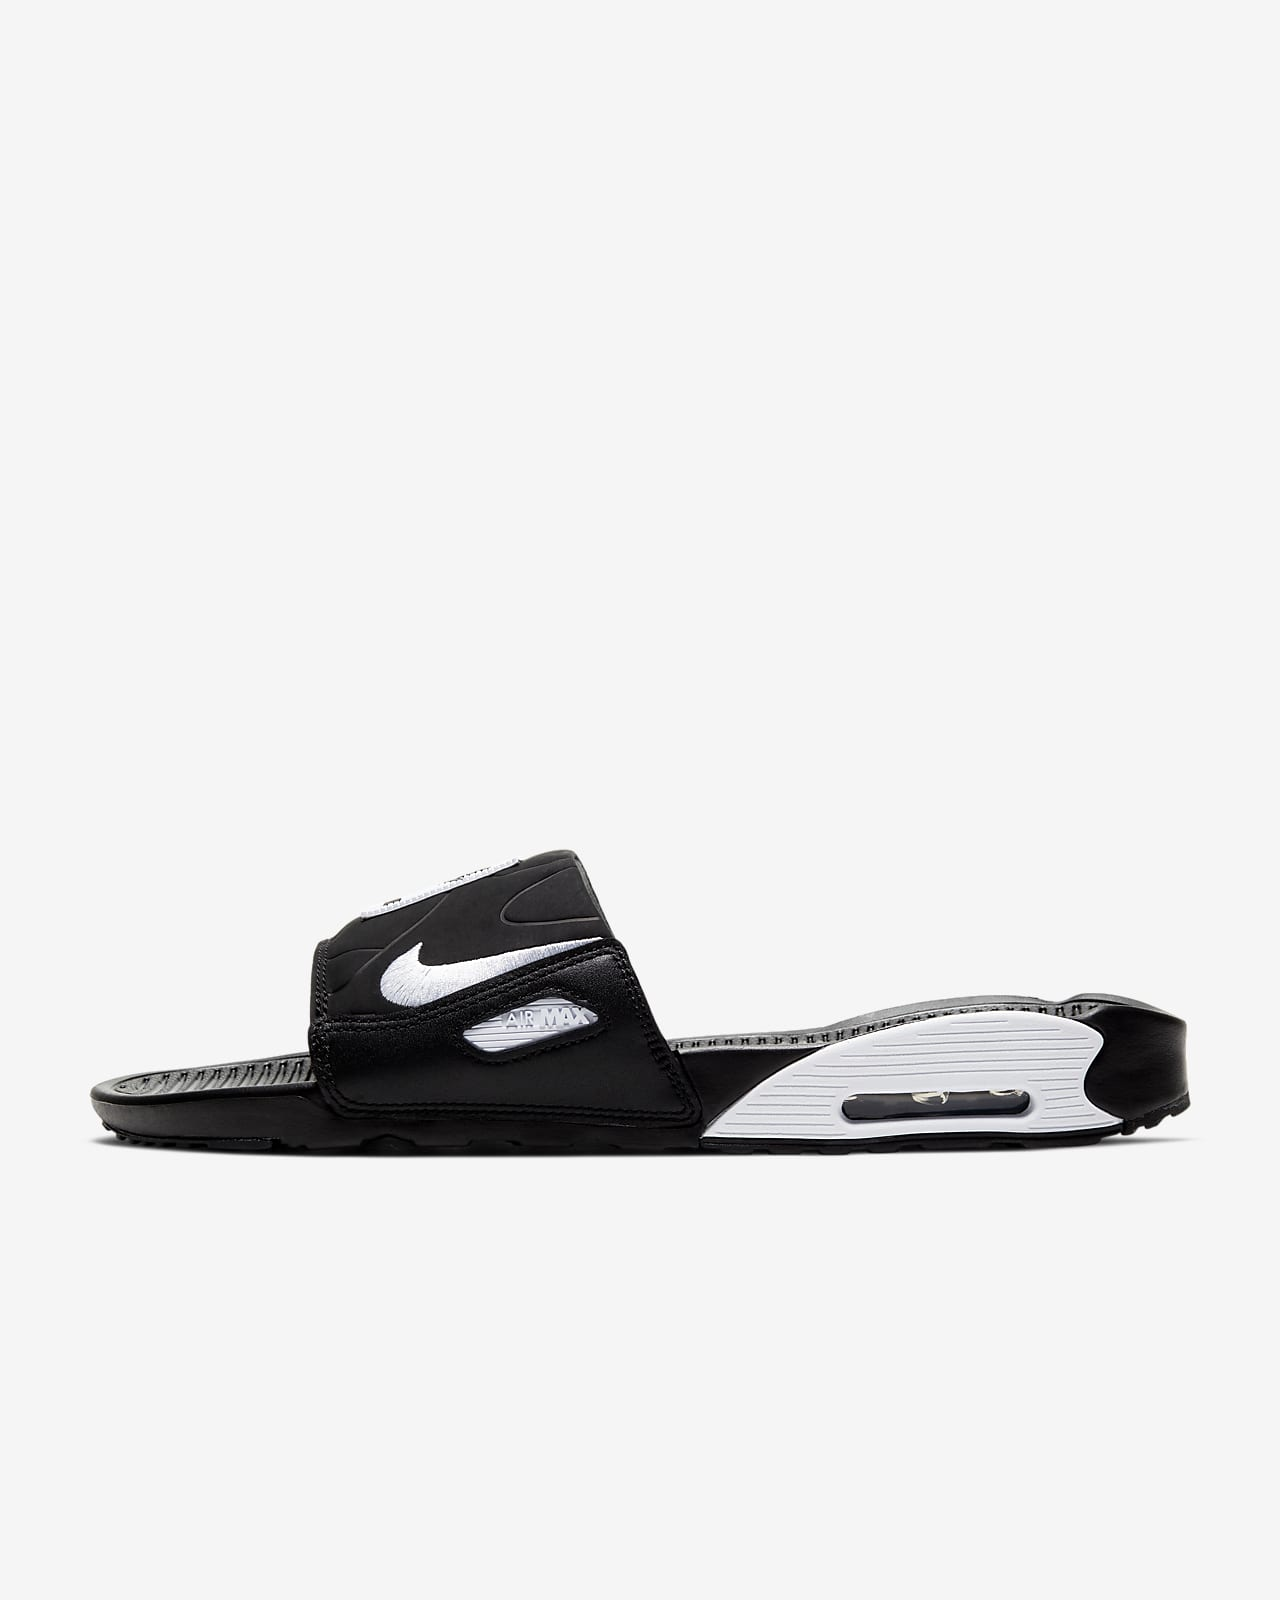 Nike Air Max 90 拖鞋